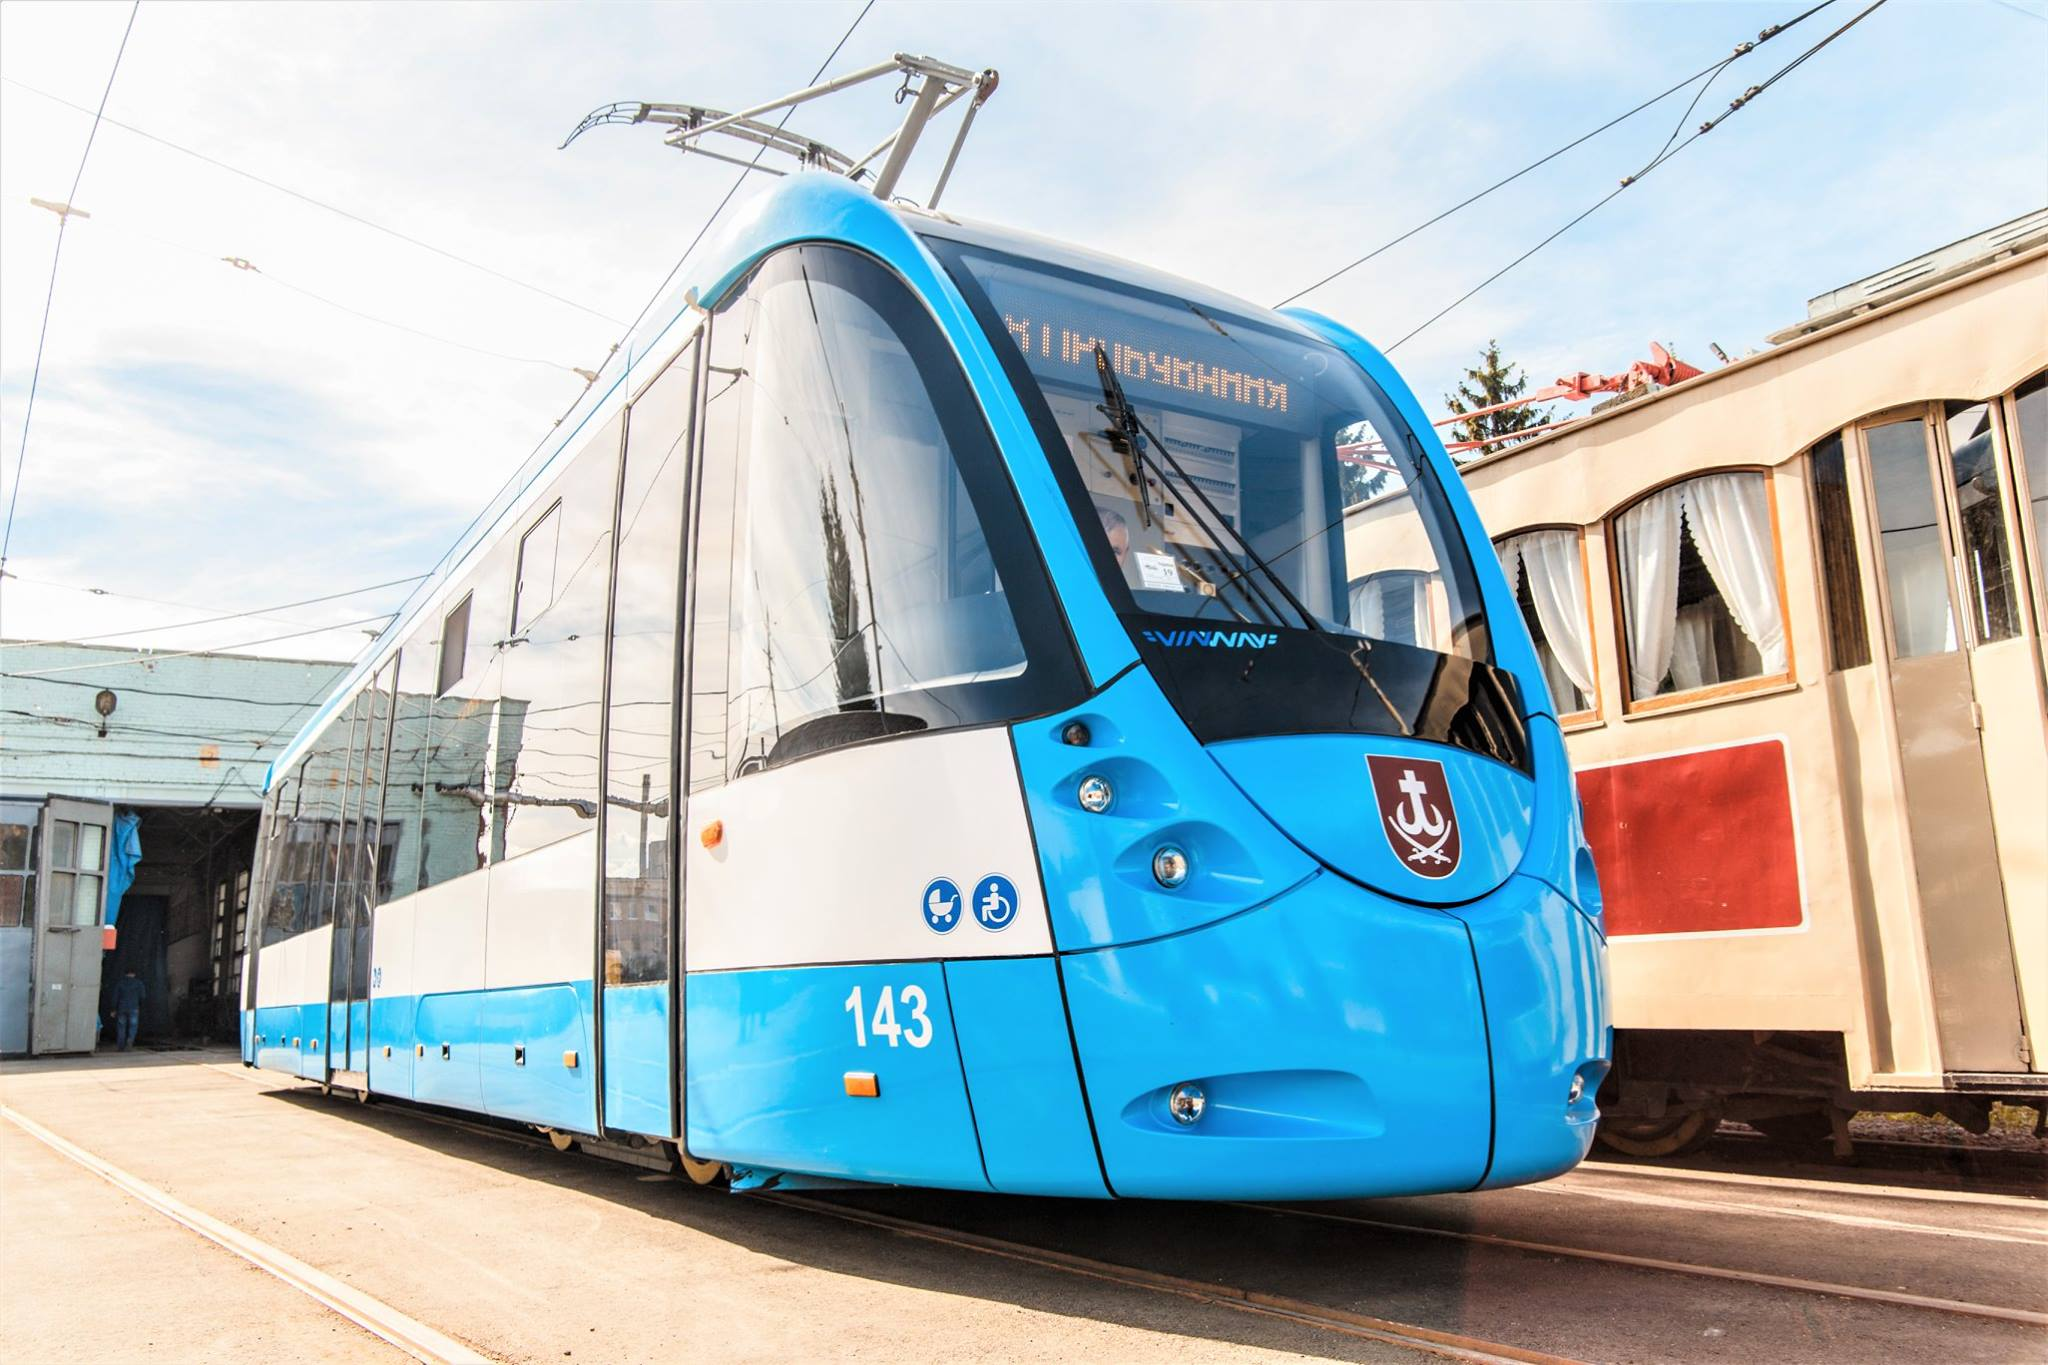 Вінницькі трамваї та тролейбуси у 2019 році перевезуть пасажирів на понад півмільярда